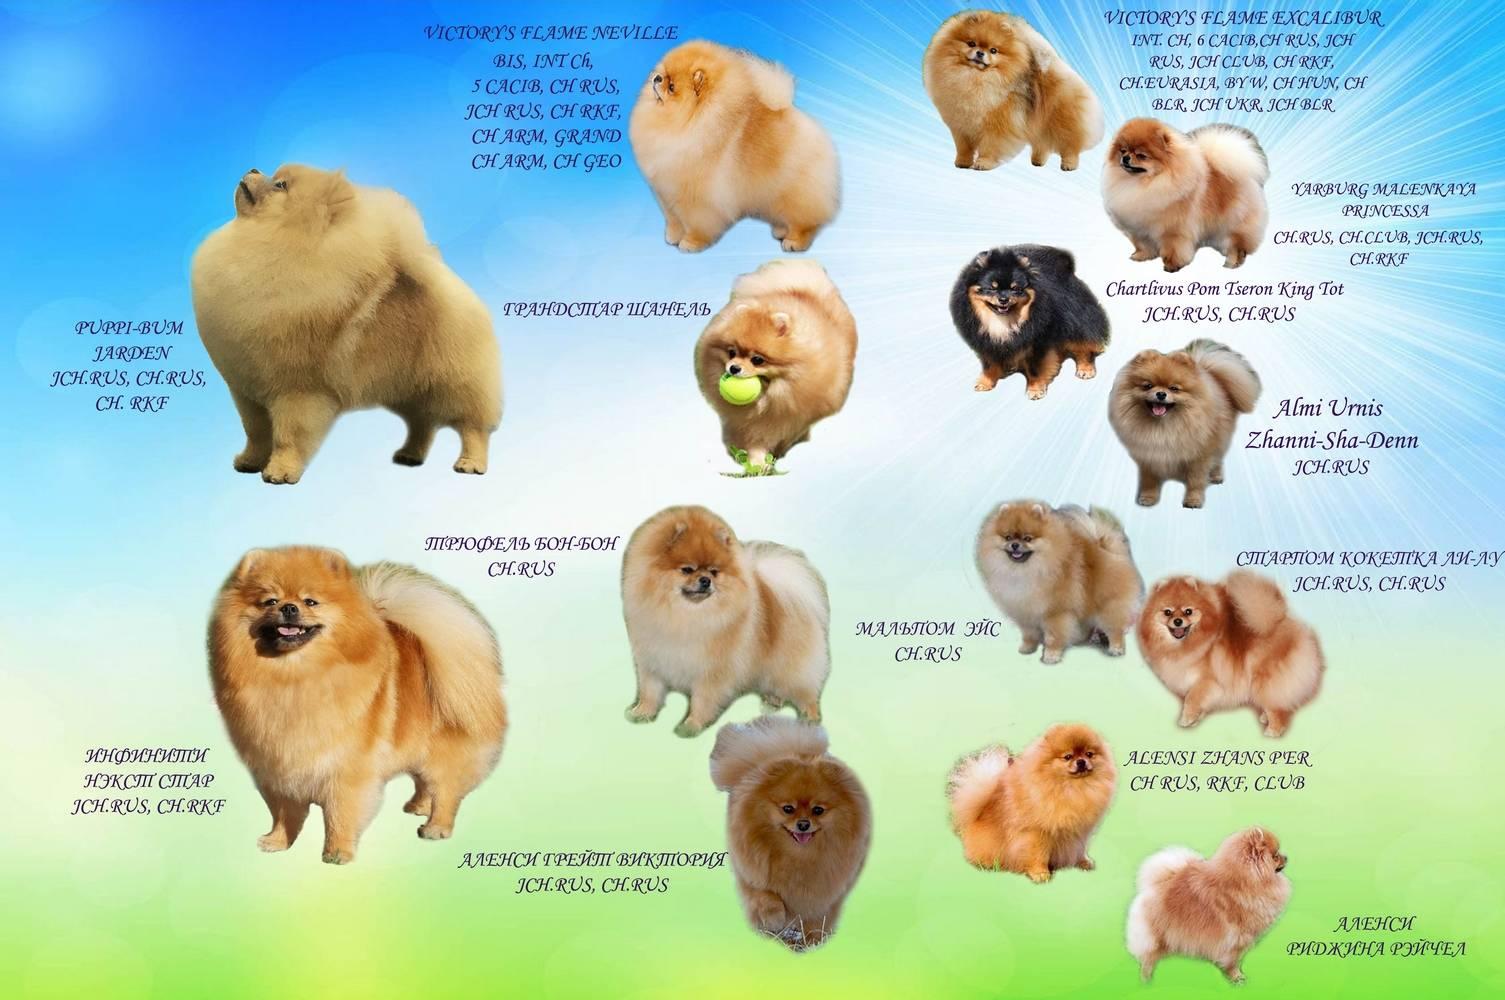 Померанский шпиц плюсы и минусы породы: описание внешнего вида, уход, характер собаки, фото, видео